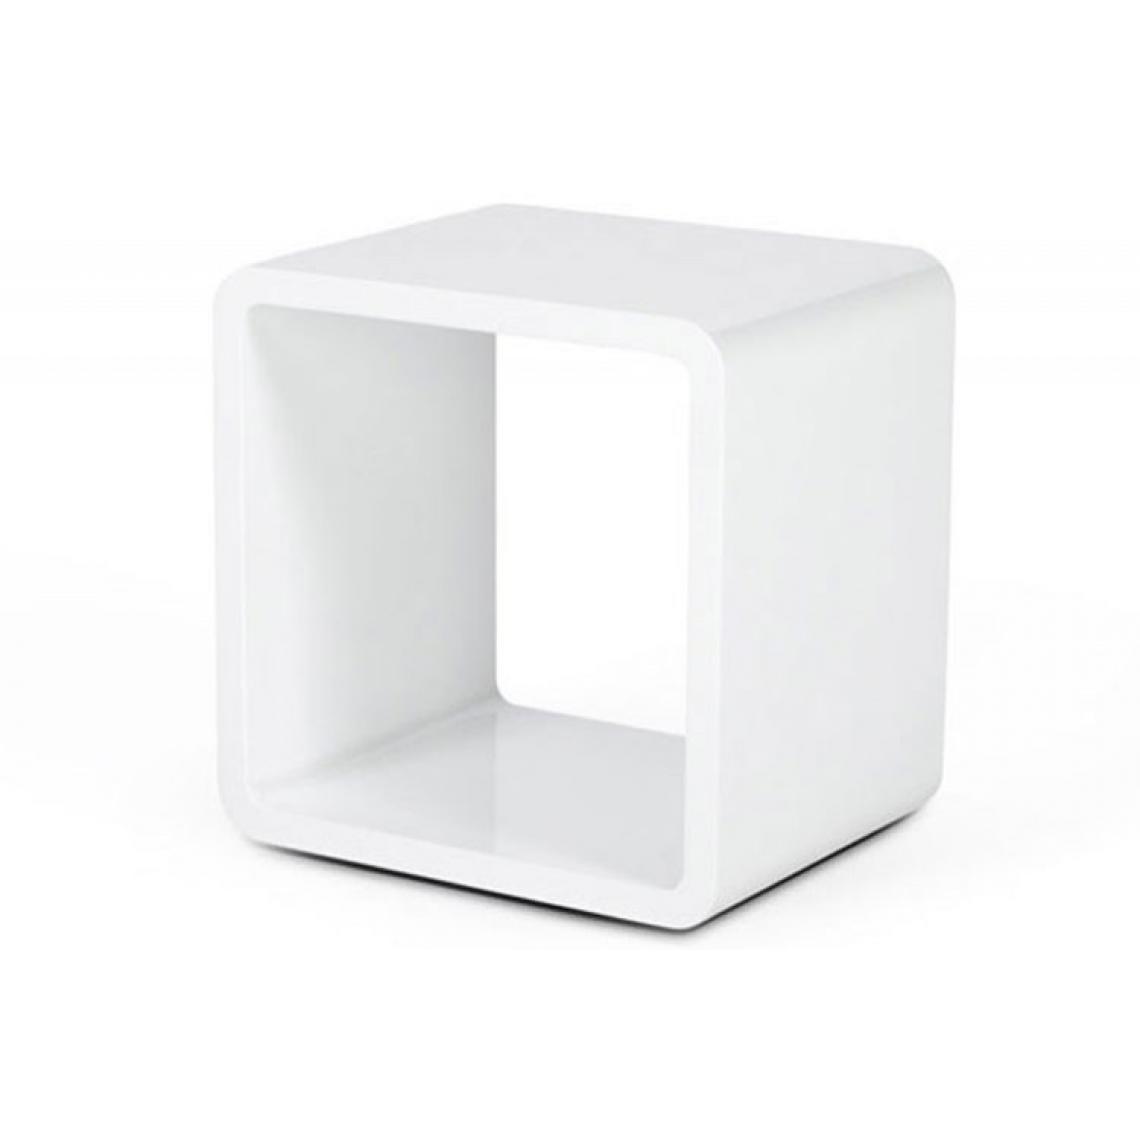 Table de Chevet Design Cube Blanc Laqué 45x45x35